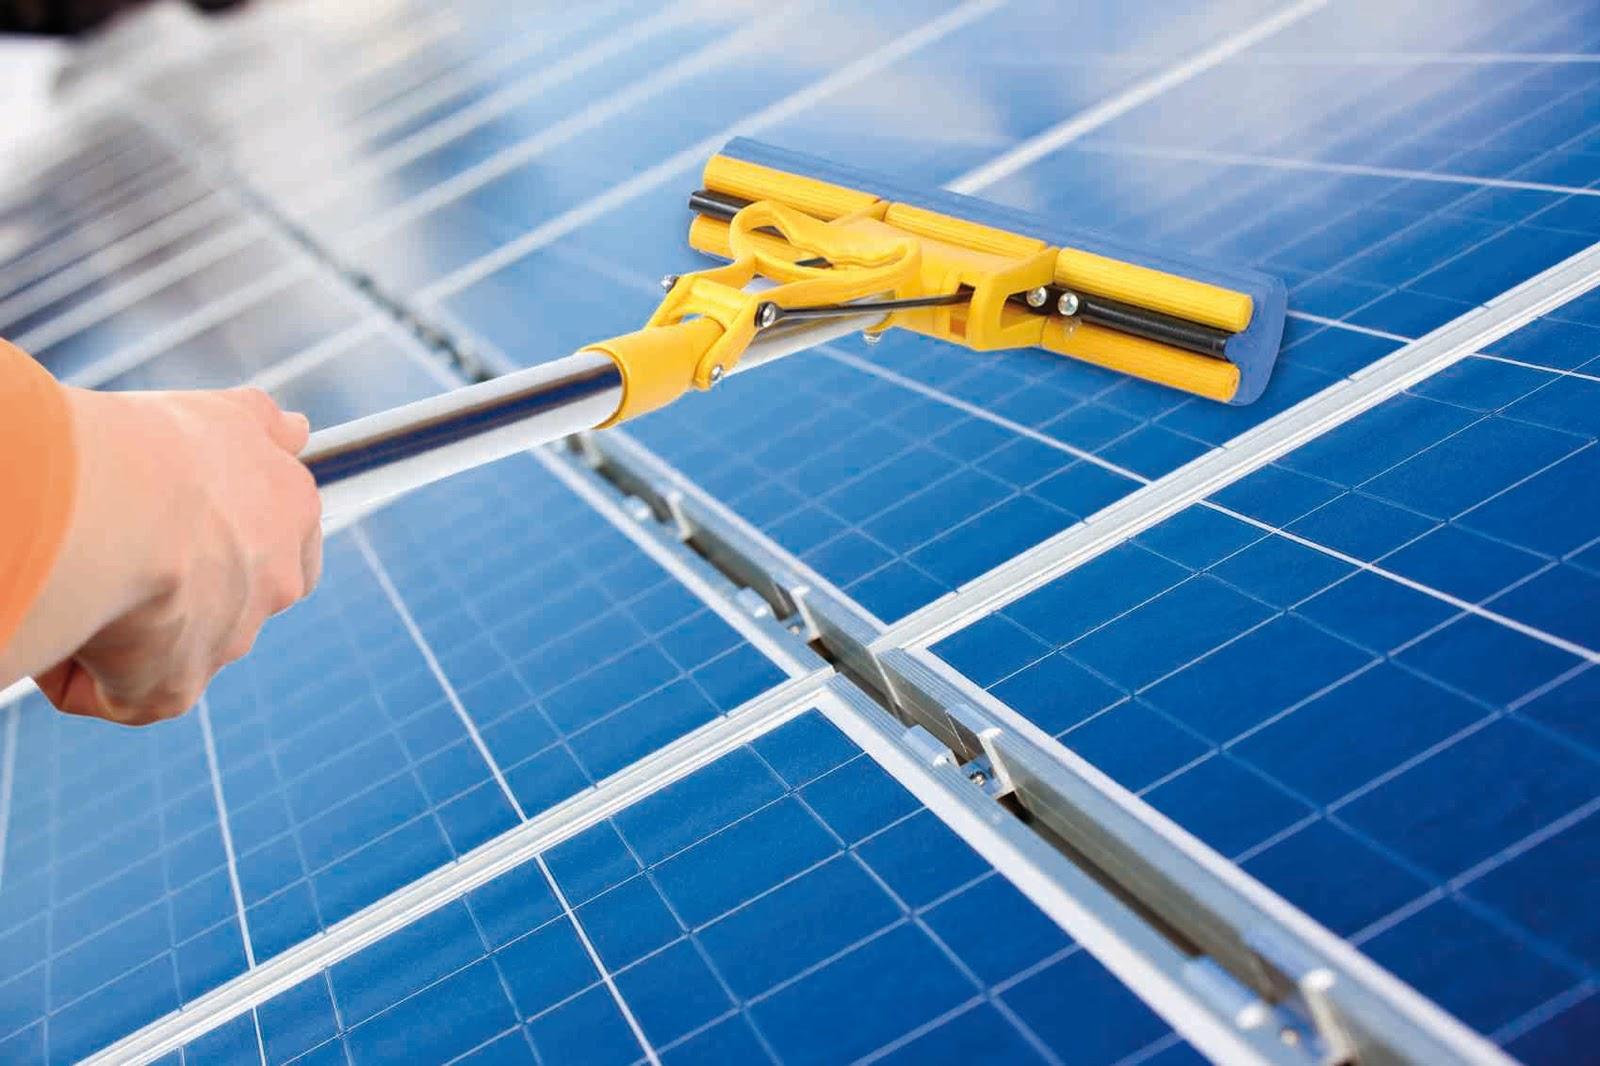 La Manutenzione dell'Impianto Fotovoltaico: le 3 Regole d'Oro